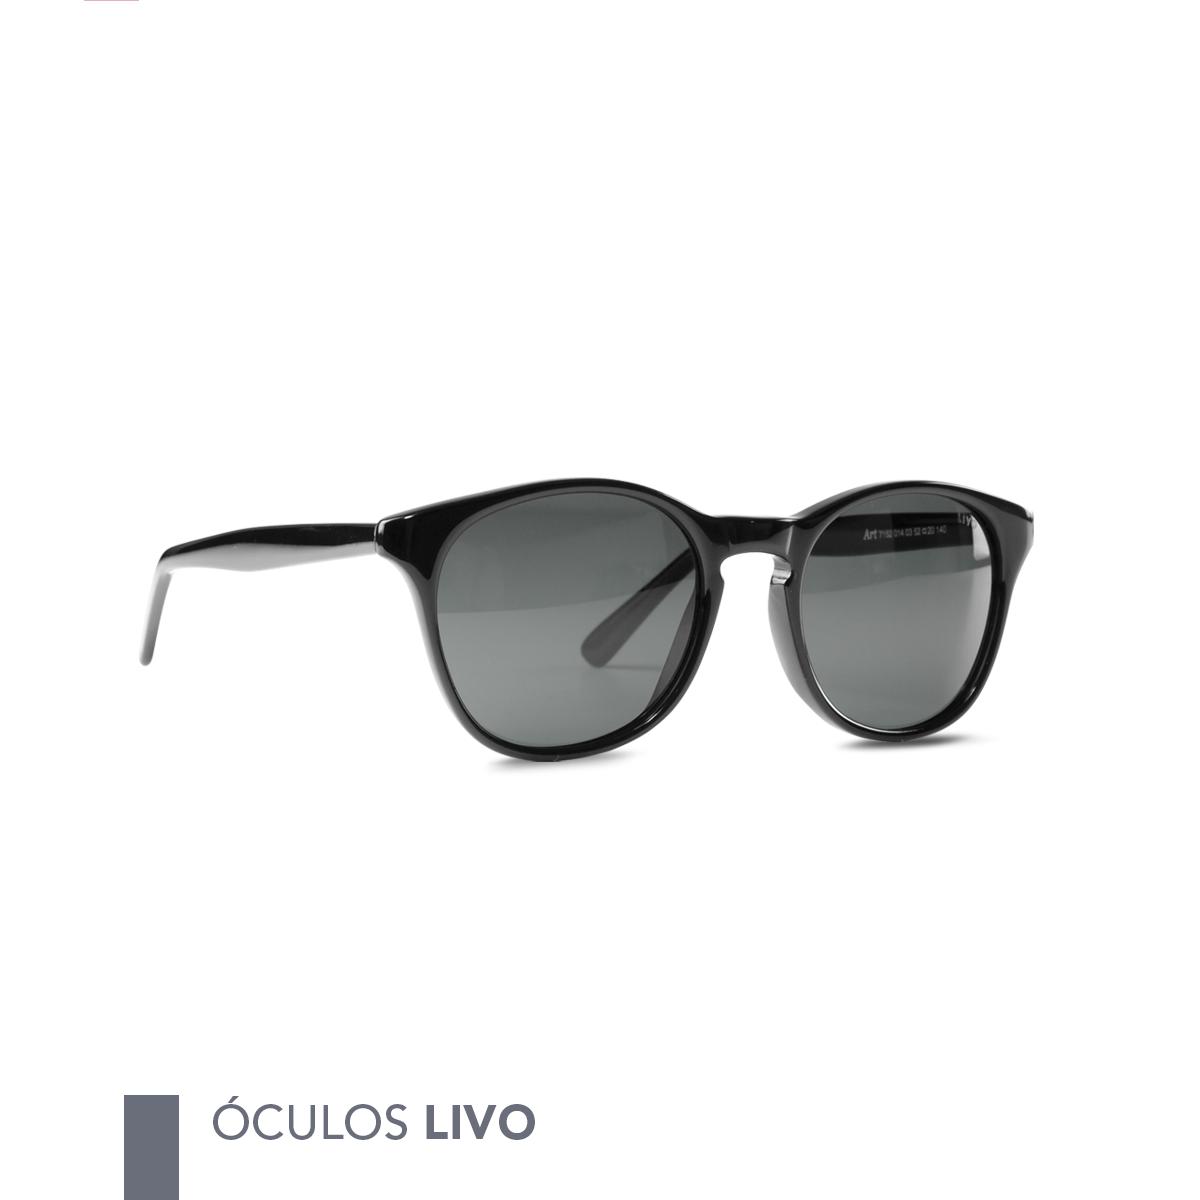 6ae3c0fe4c27a Óculos Livo Jules Solar Preto ⠀ ➝ Compre pelo site ou em nossa loja física ↳